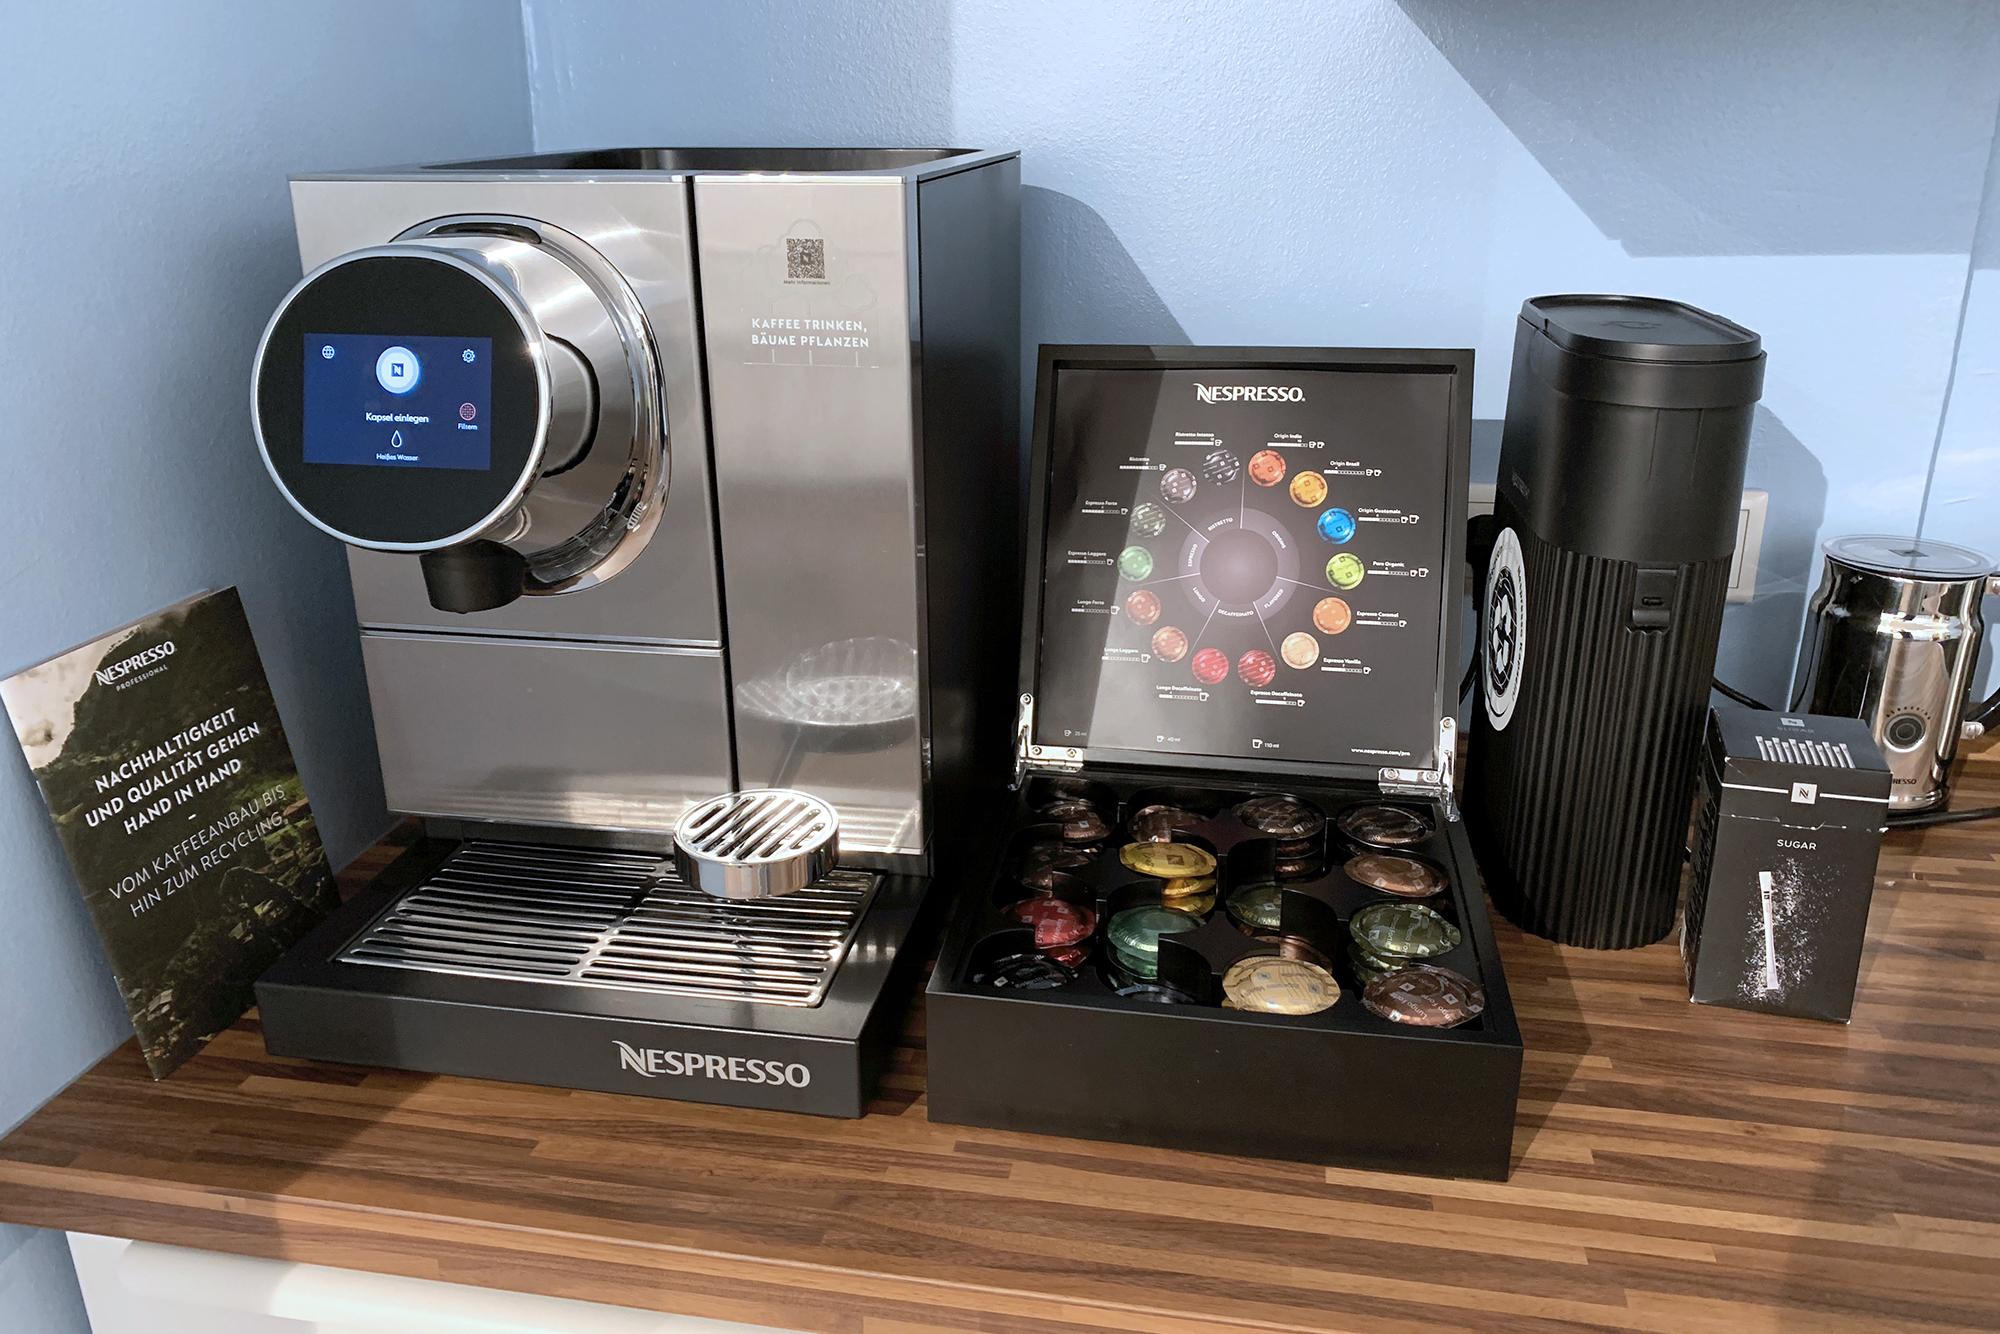 Nespresso Professional Kaffeeauswahl in offener Teeküche, Workshopraum zur Miete, Meetingraum Düsseldorf, Seminarraum mieten, New Work Lab